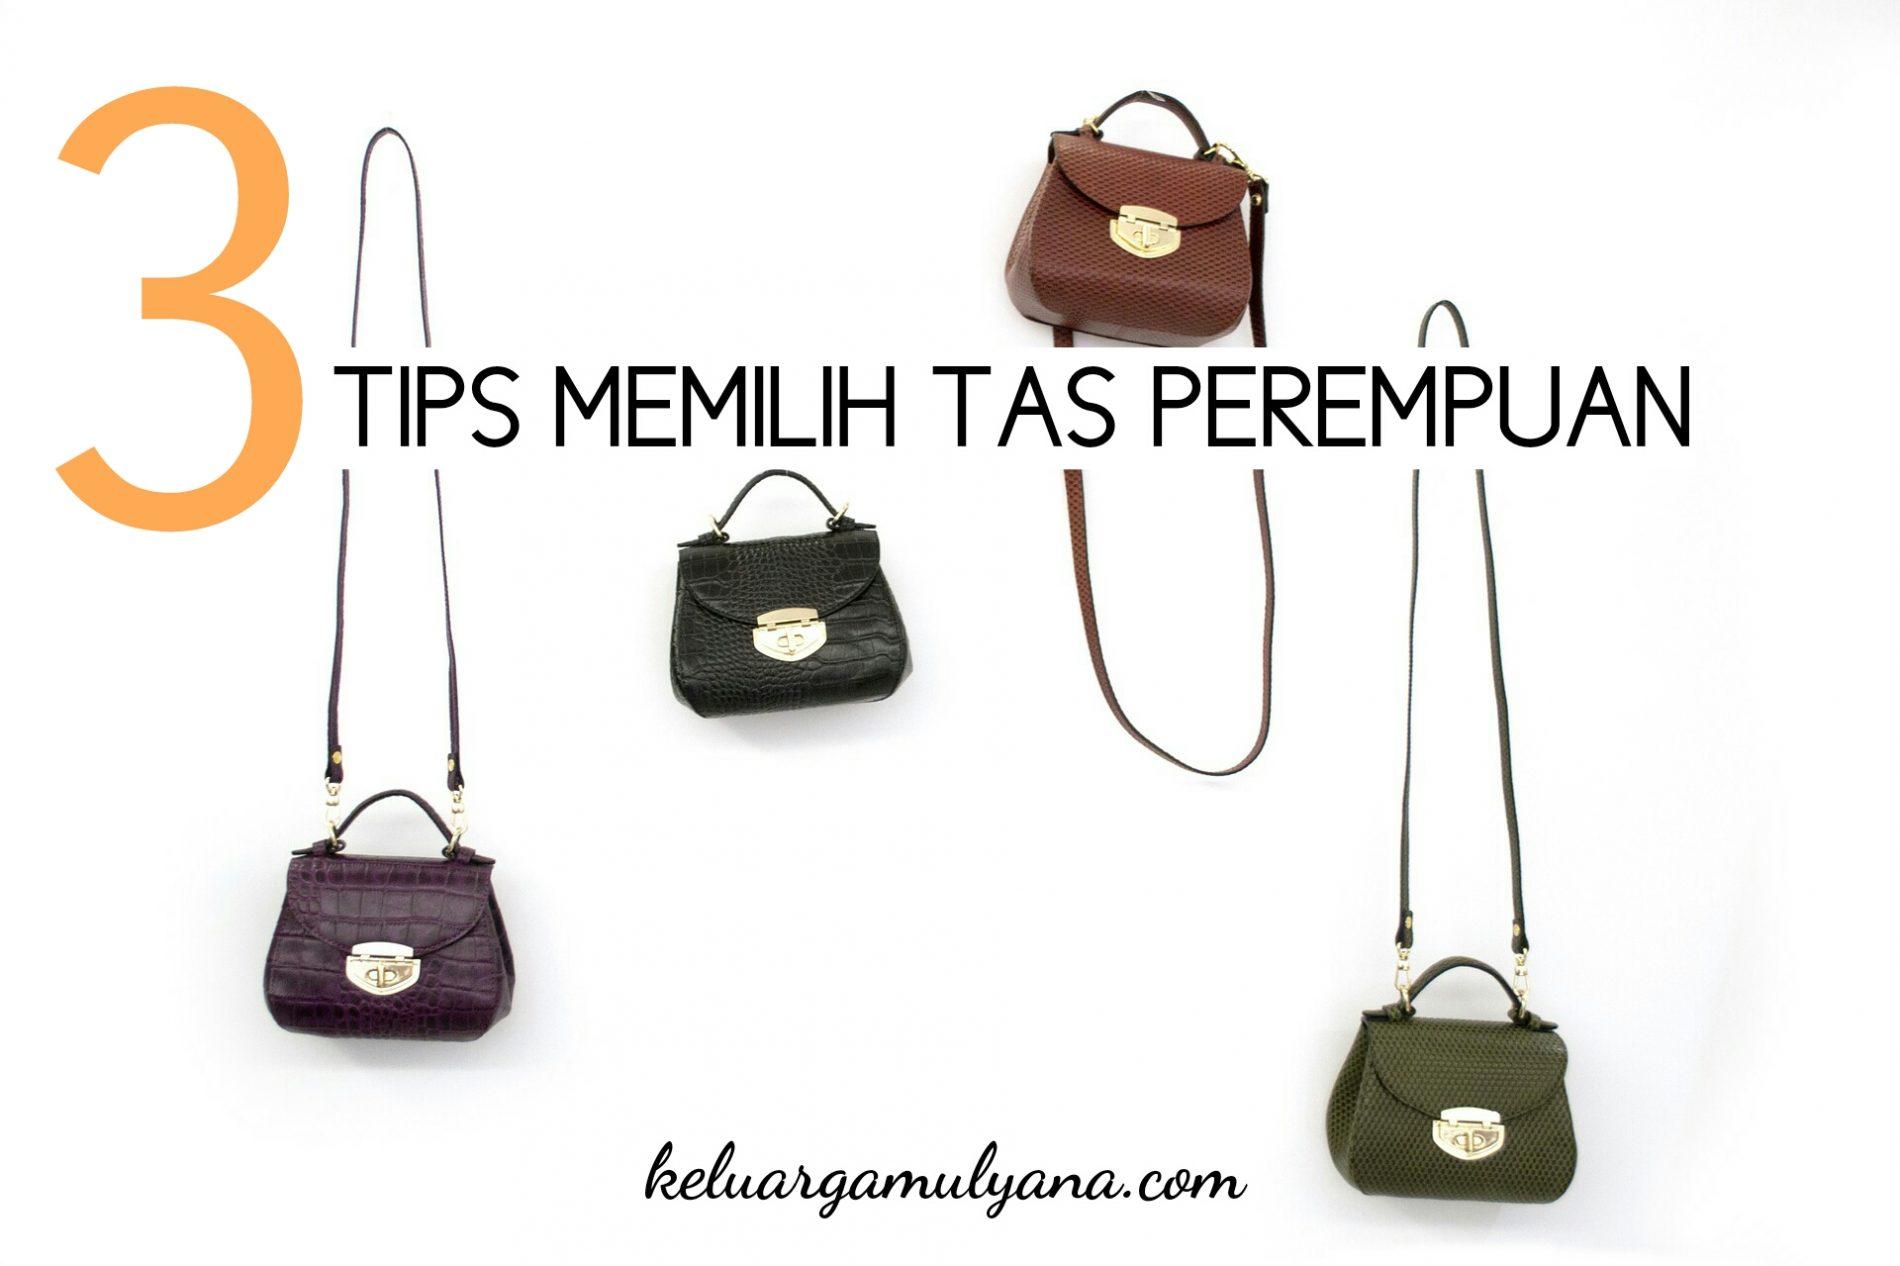 3 Tips memilih tas perempuan - Parenting and Lifestyle Blog 370629d456